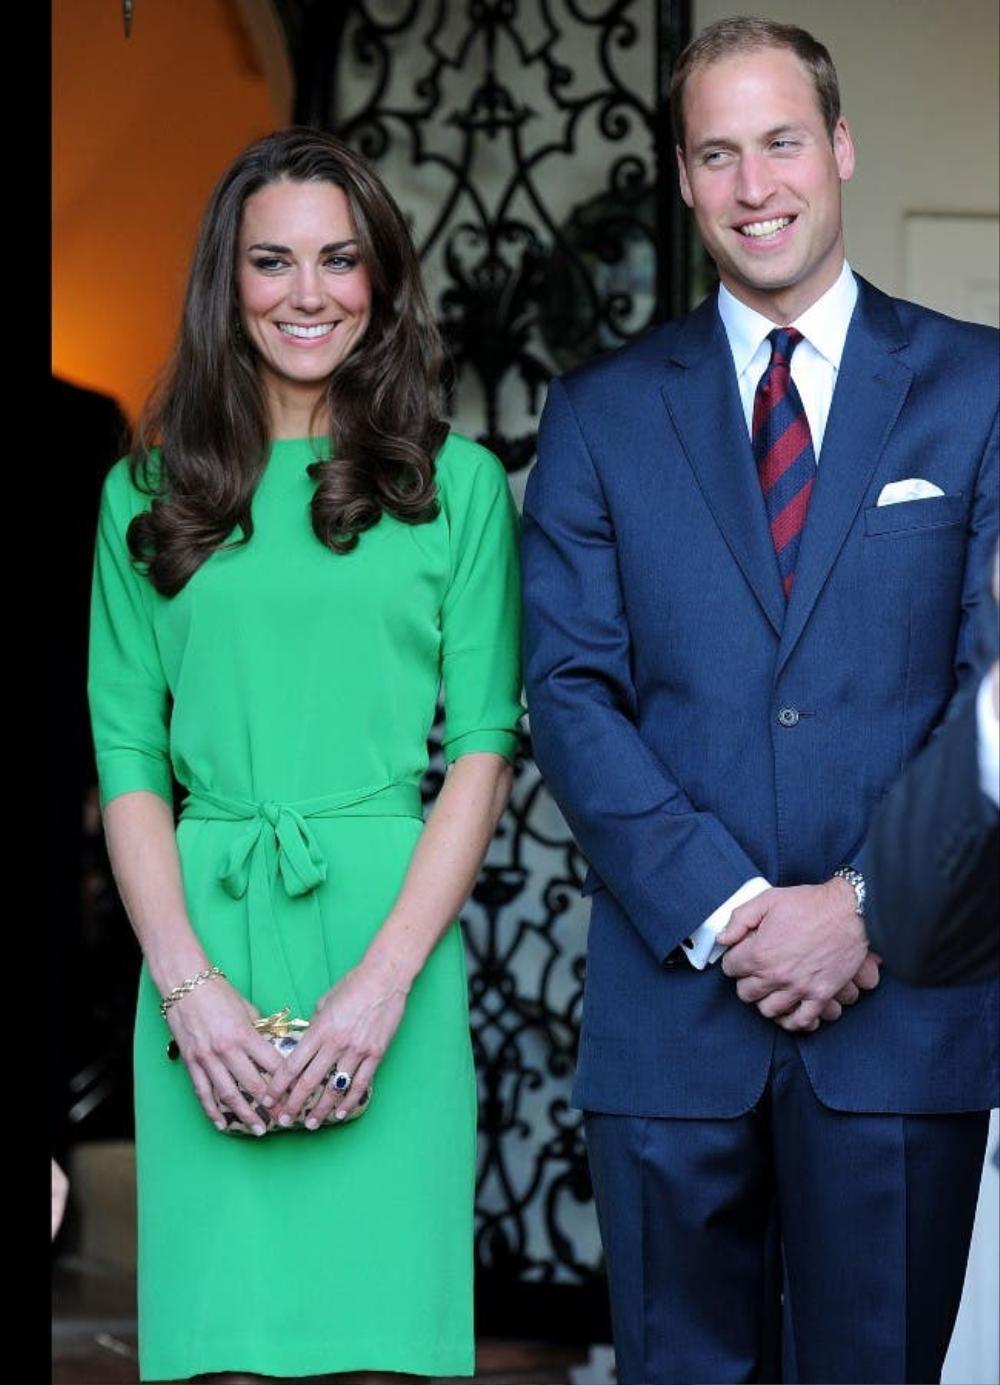 Bí ẩn tủ đồ Hoàng gia: Tại sao Kate Middleton thích mặc màu xanh lá cây? Ảnh 13